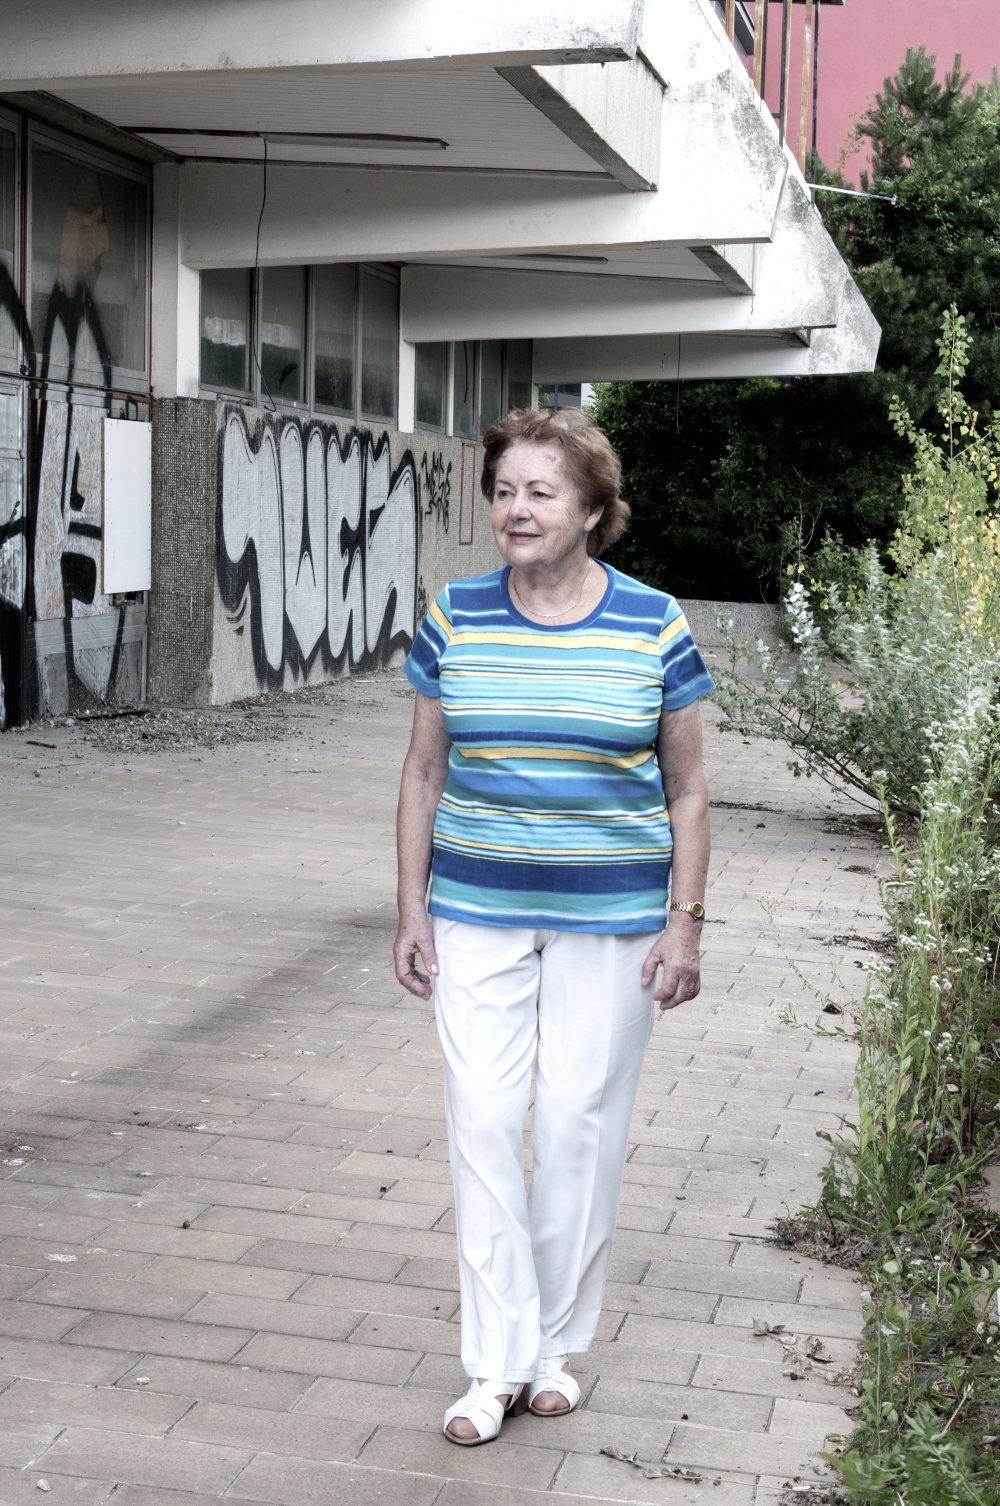 Lýdia Titlová pred budovou SZSD v Bratislave. Foto: Olja Triaška Stefanovič